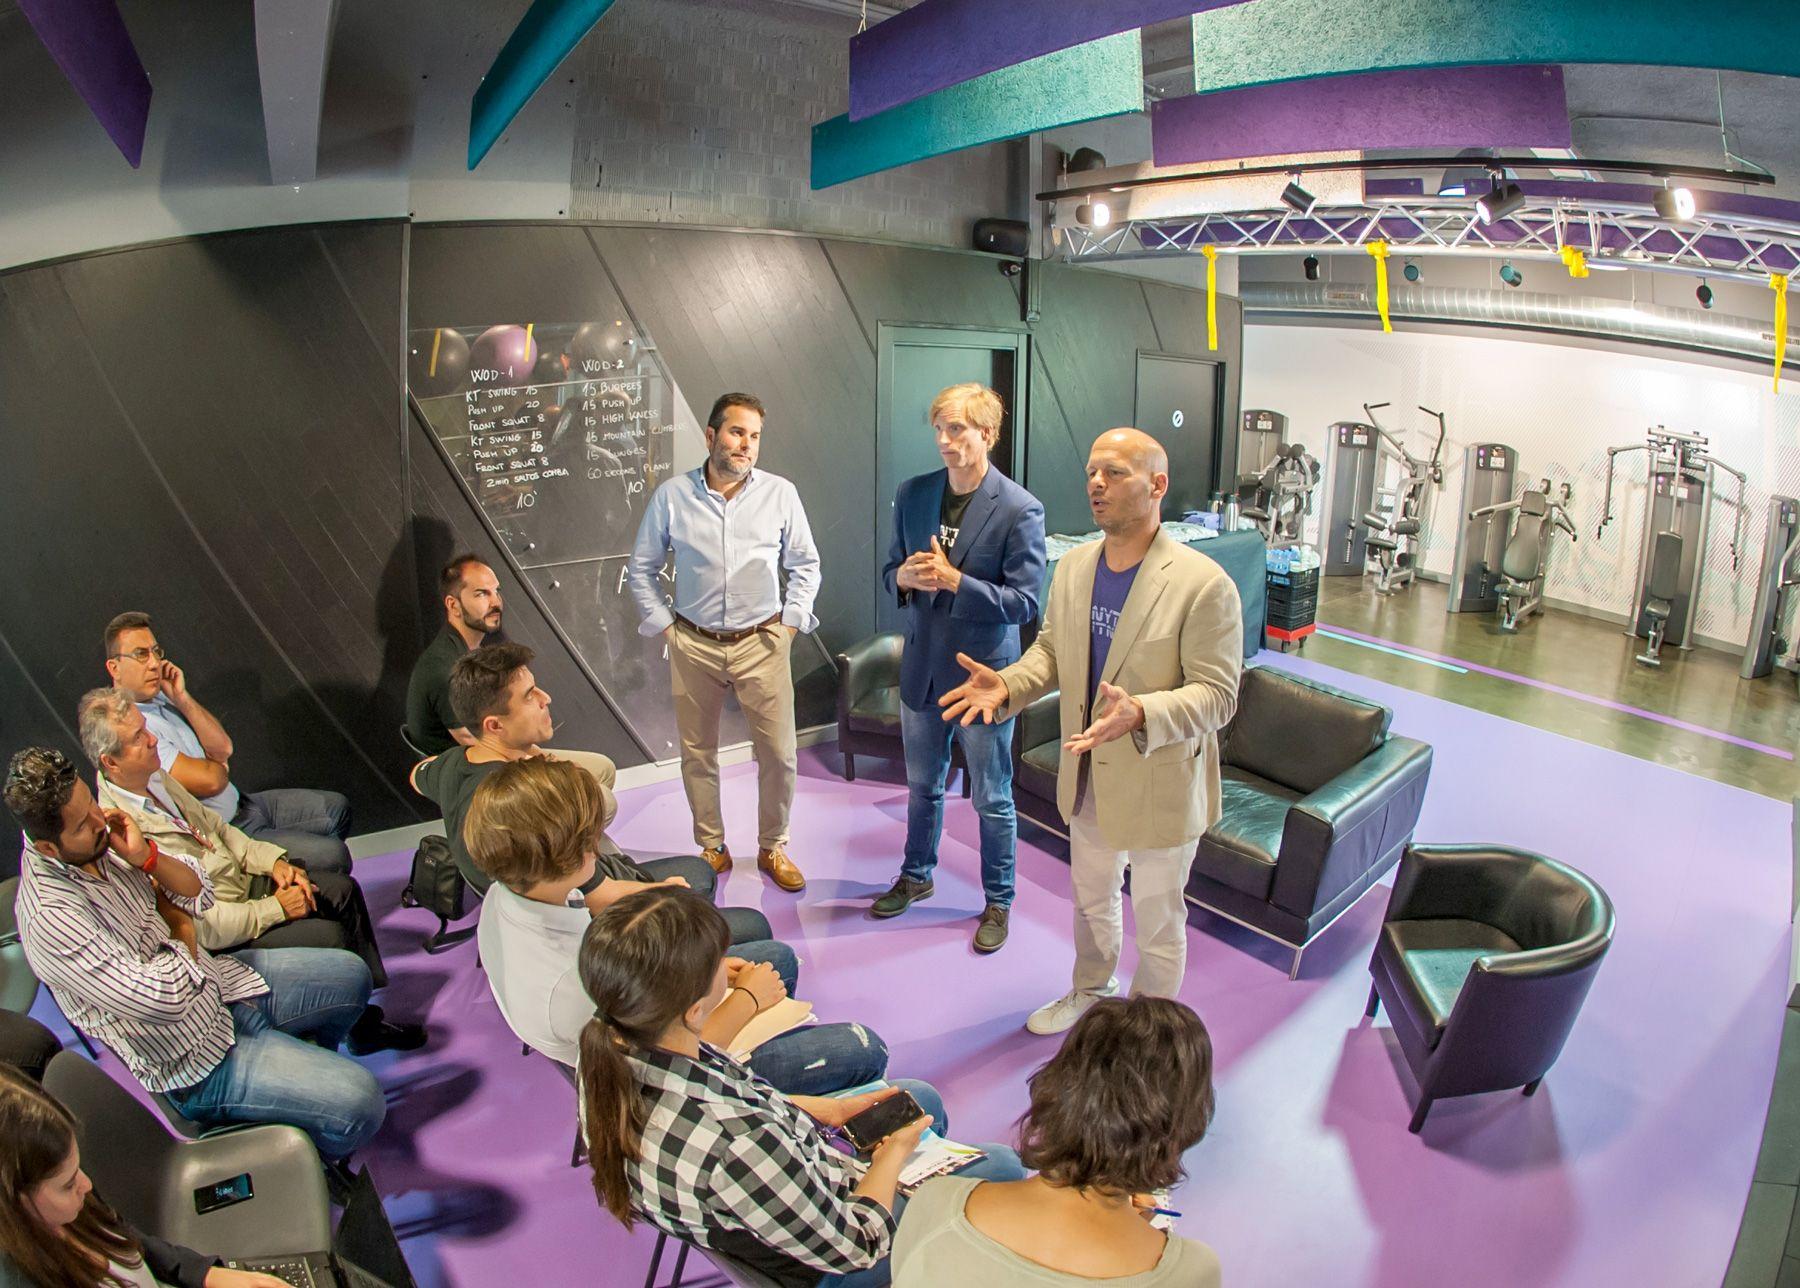 Dave Mortensen, Presidente de Anytime Fitness: 'La competencia no es una amenaza sino nuestro gran aliado'